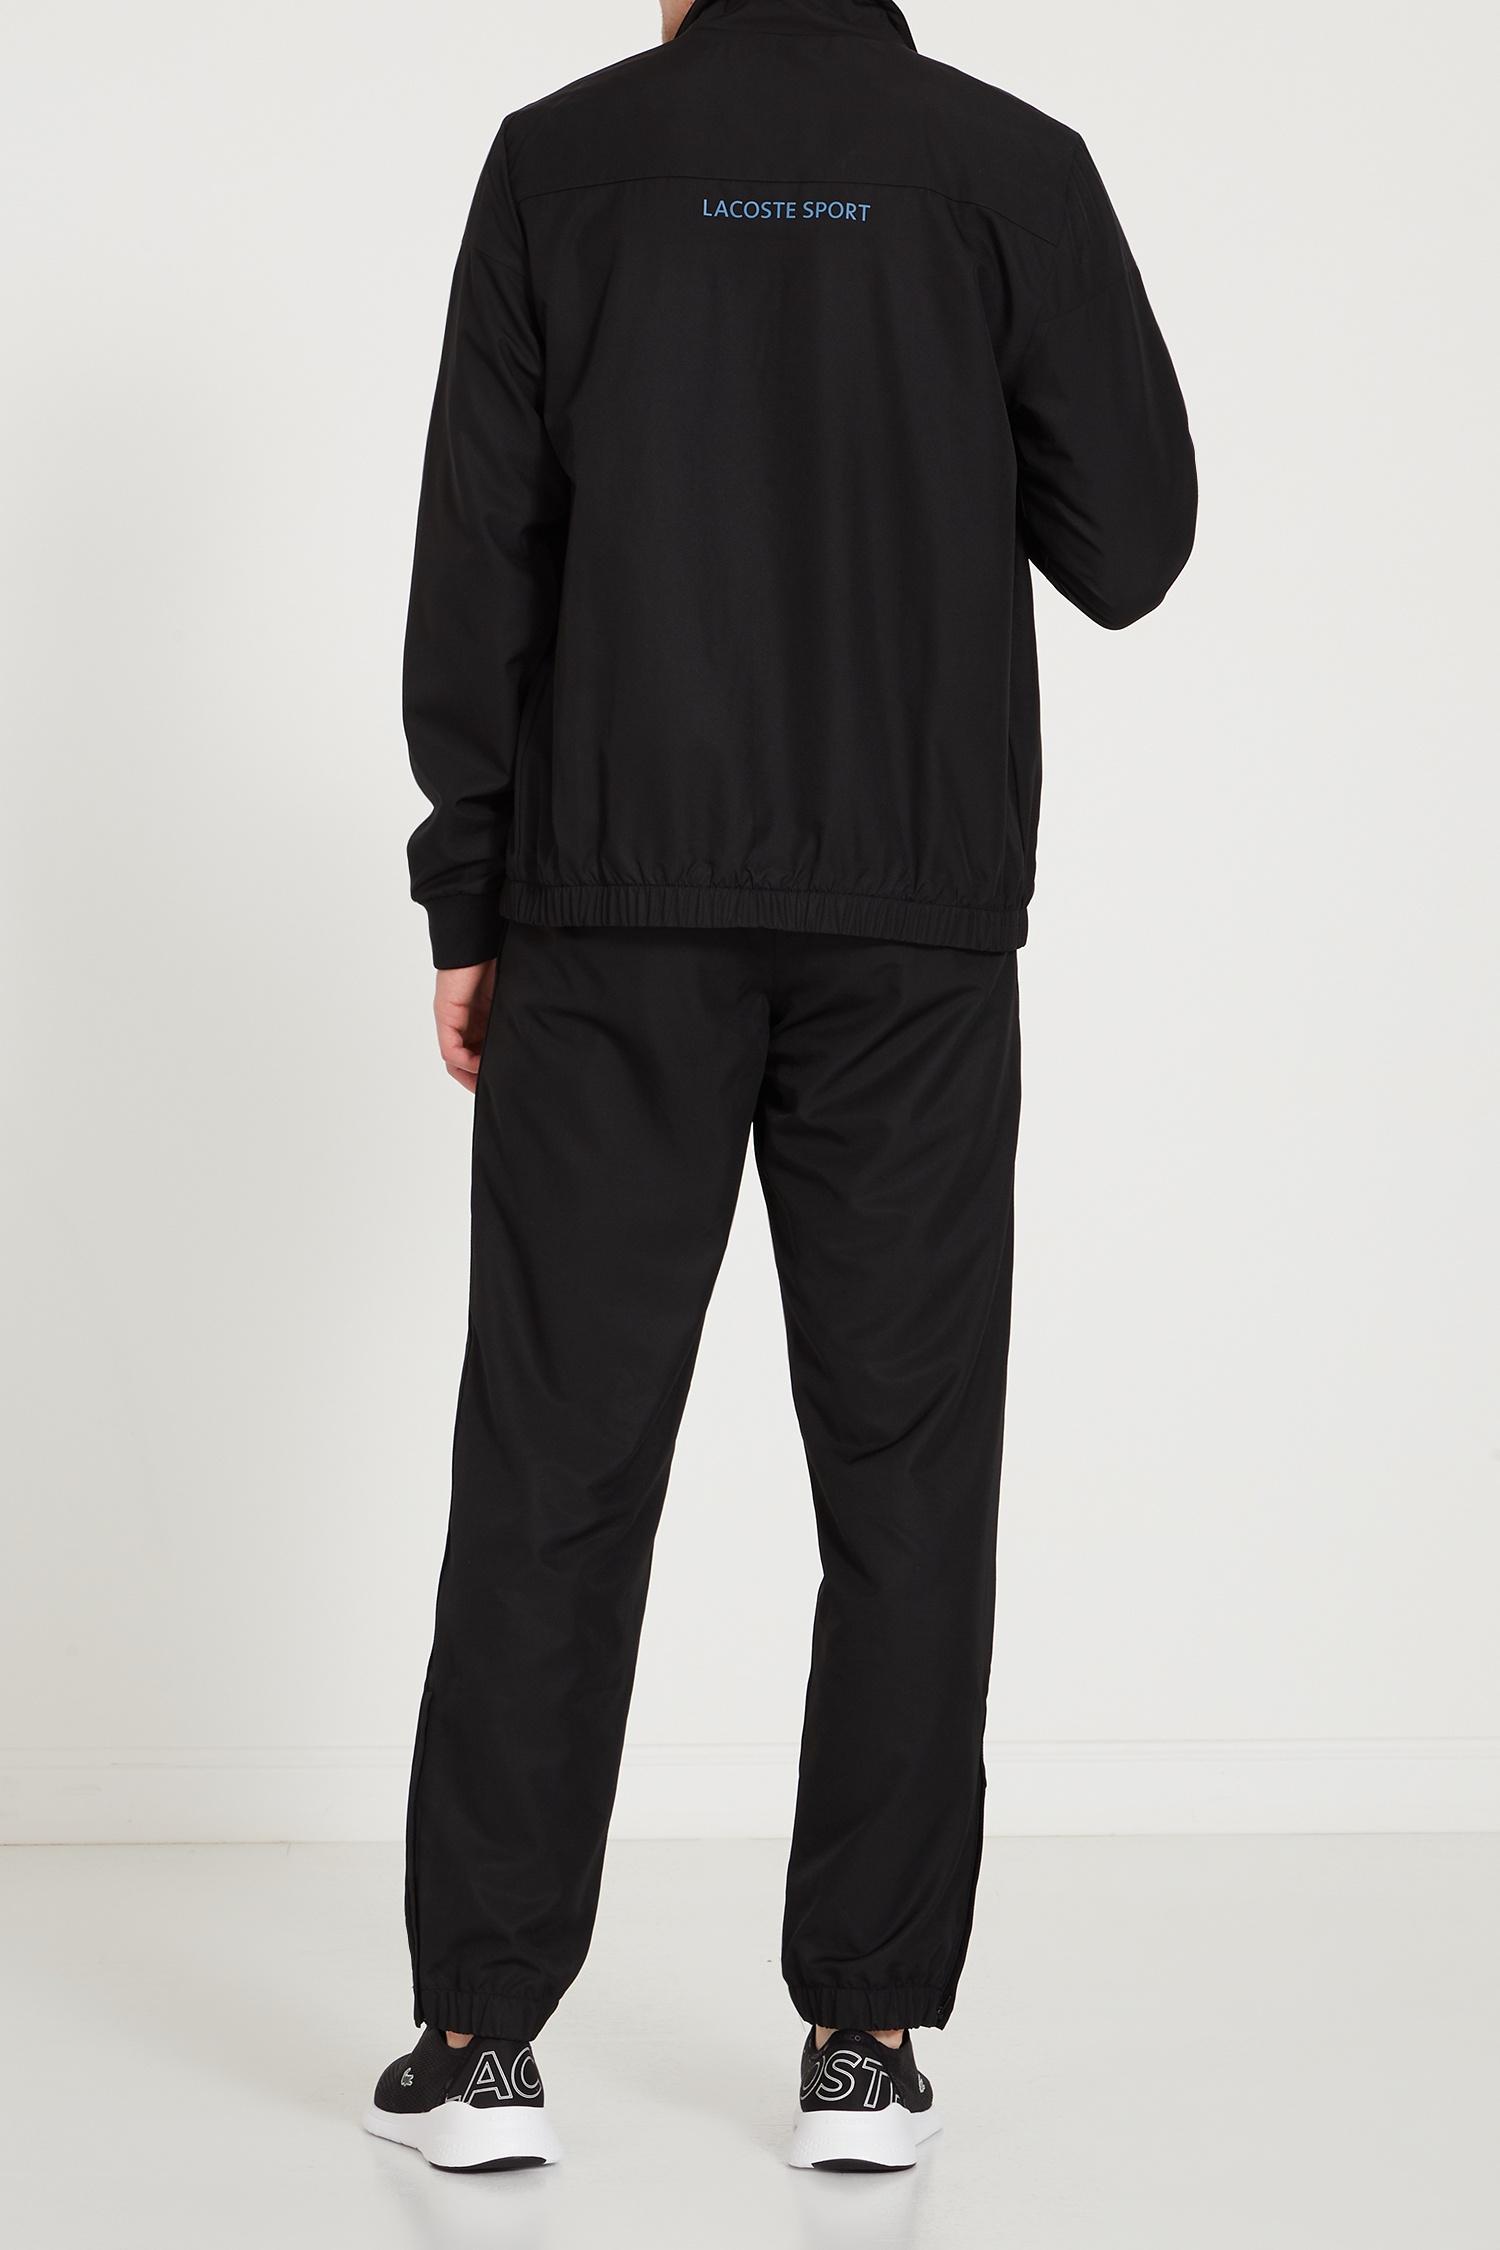 477e9879b5c8 Черный спортивный костюм Lacoste – купить в интернет-магазине в Москве